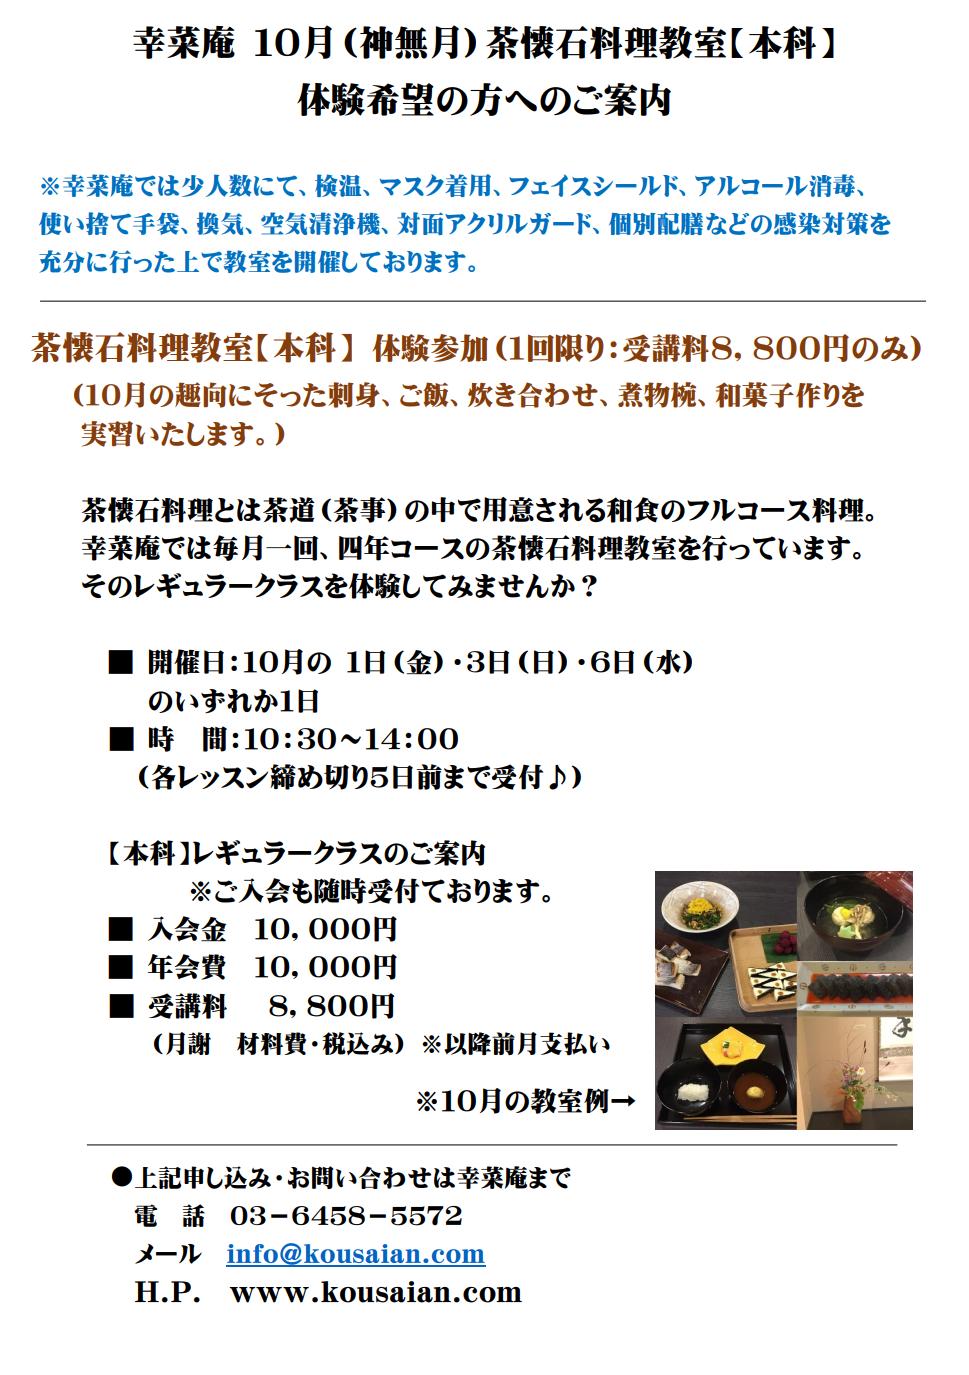 10月(神無月)幸菜庵 茶懐石料理教室の体験参加のご案内